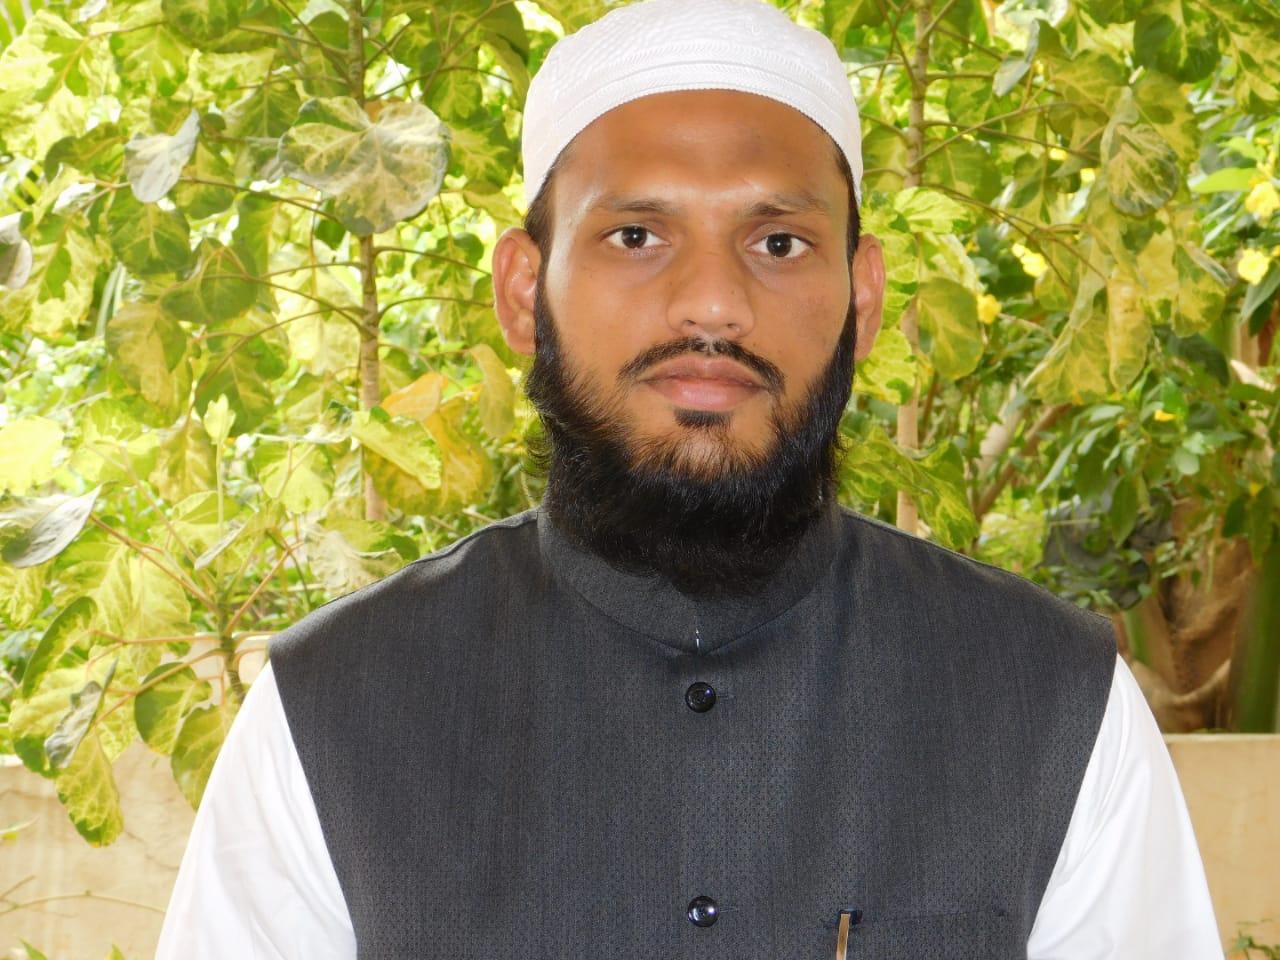 Maulana Mohammad Abdul Quayyum Zeeshan